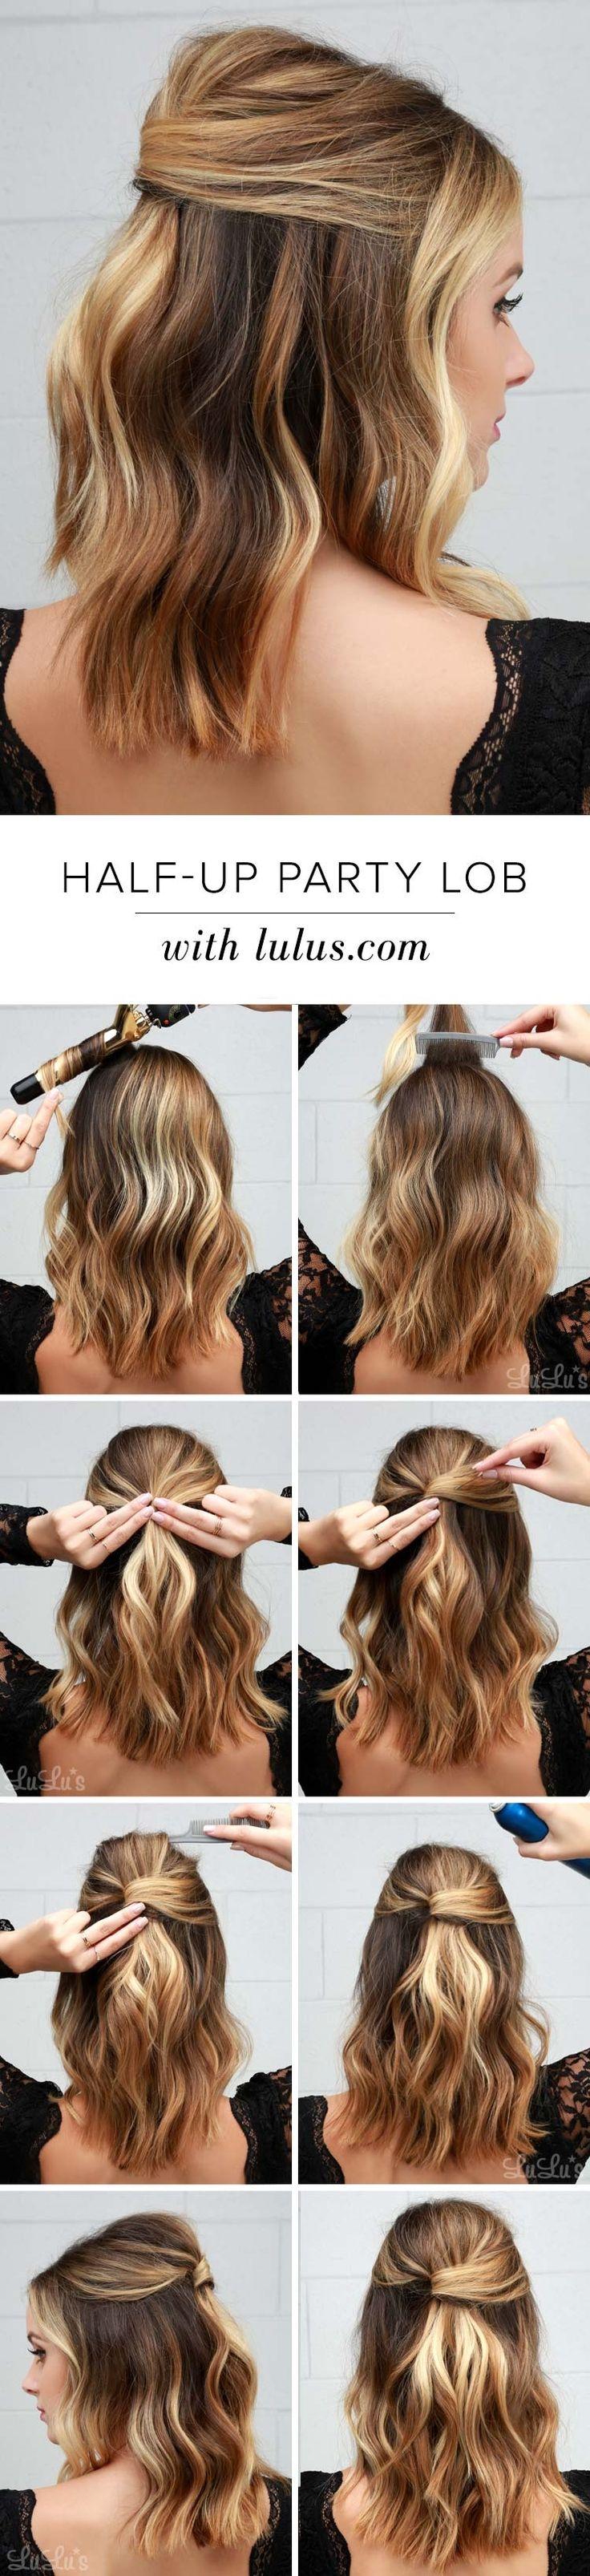 262 best Idées coiffures images on Pinterest